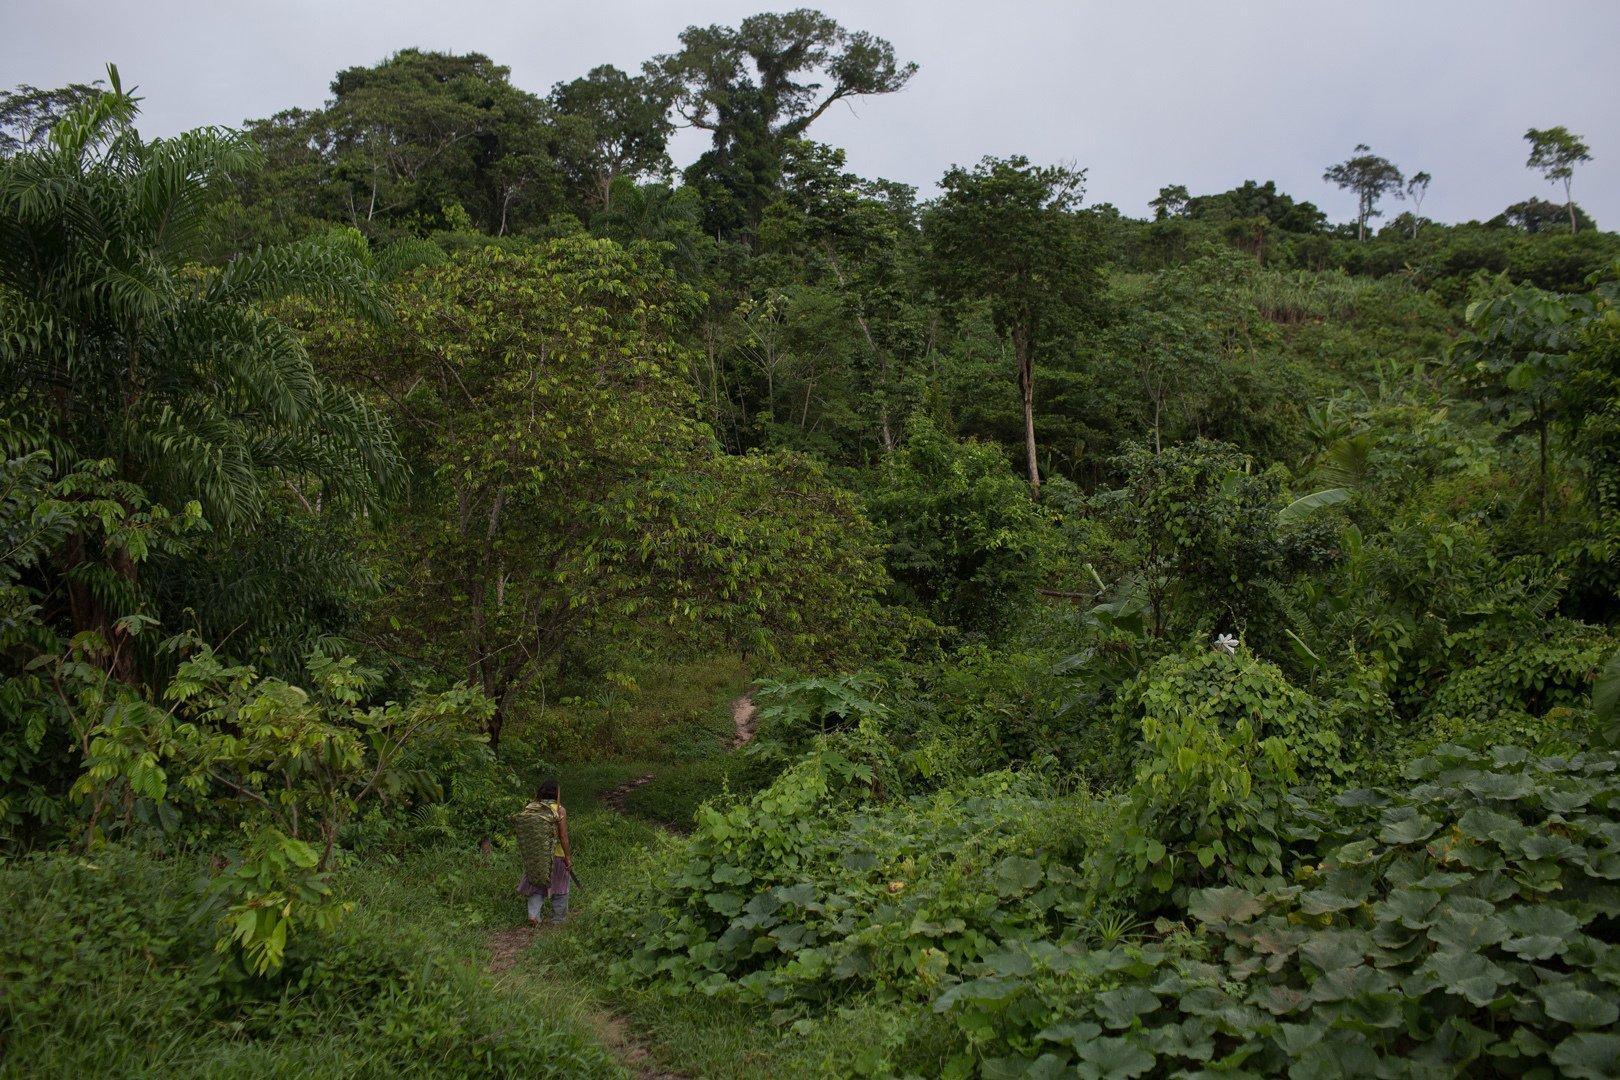 Urwald, der bei genauerem Hinsehen ein Garten ist mit den verschiedensten Pflanzen und Obstbäumen am Itacoai-Fluss, im indigenen Schutzgebiet Vale do Javari.